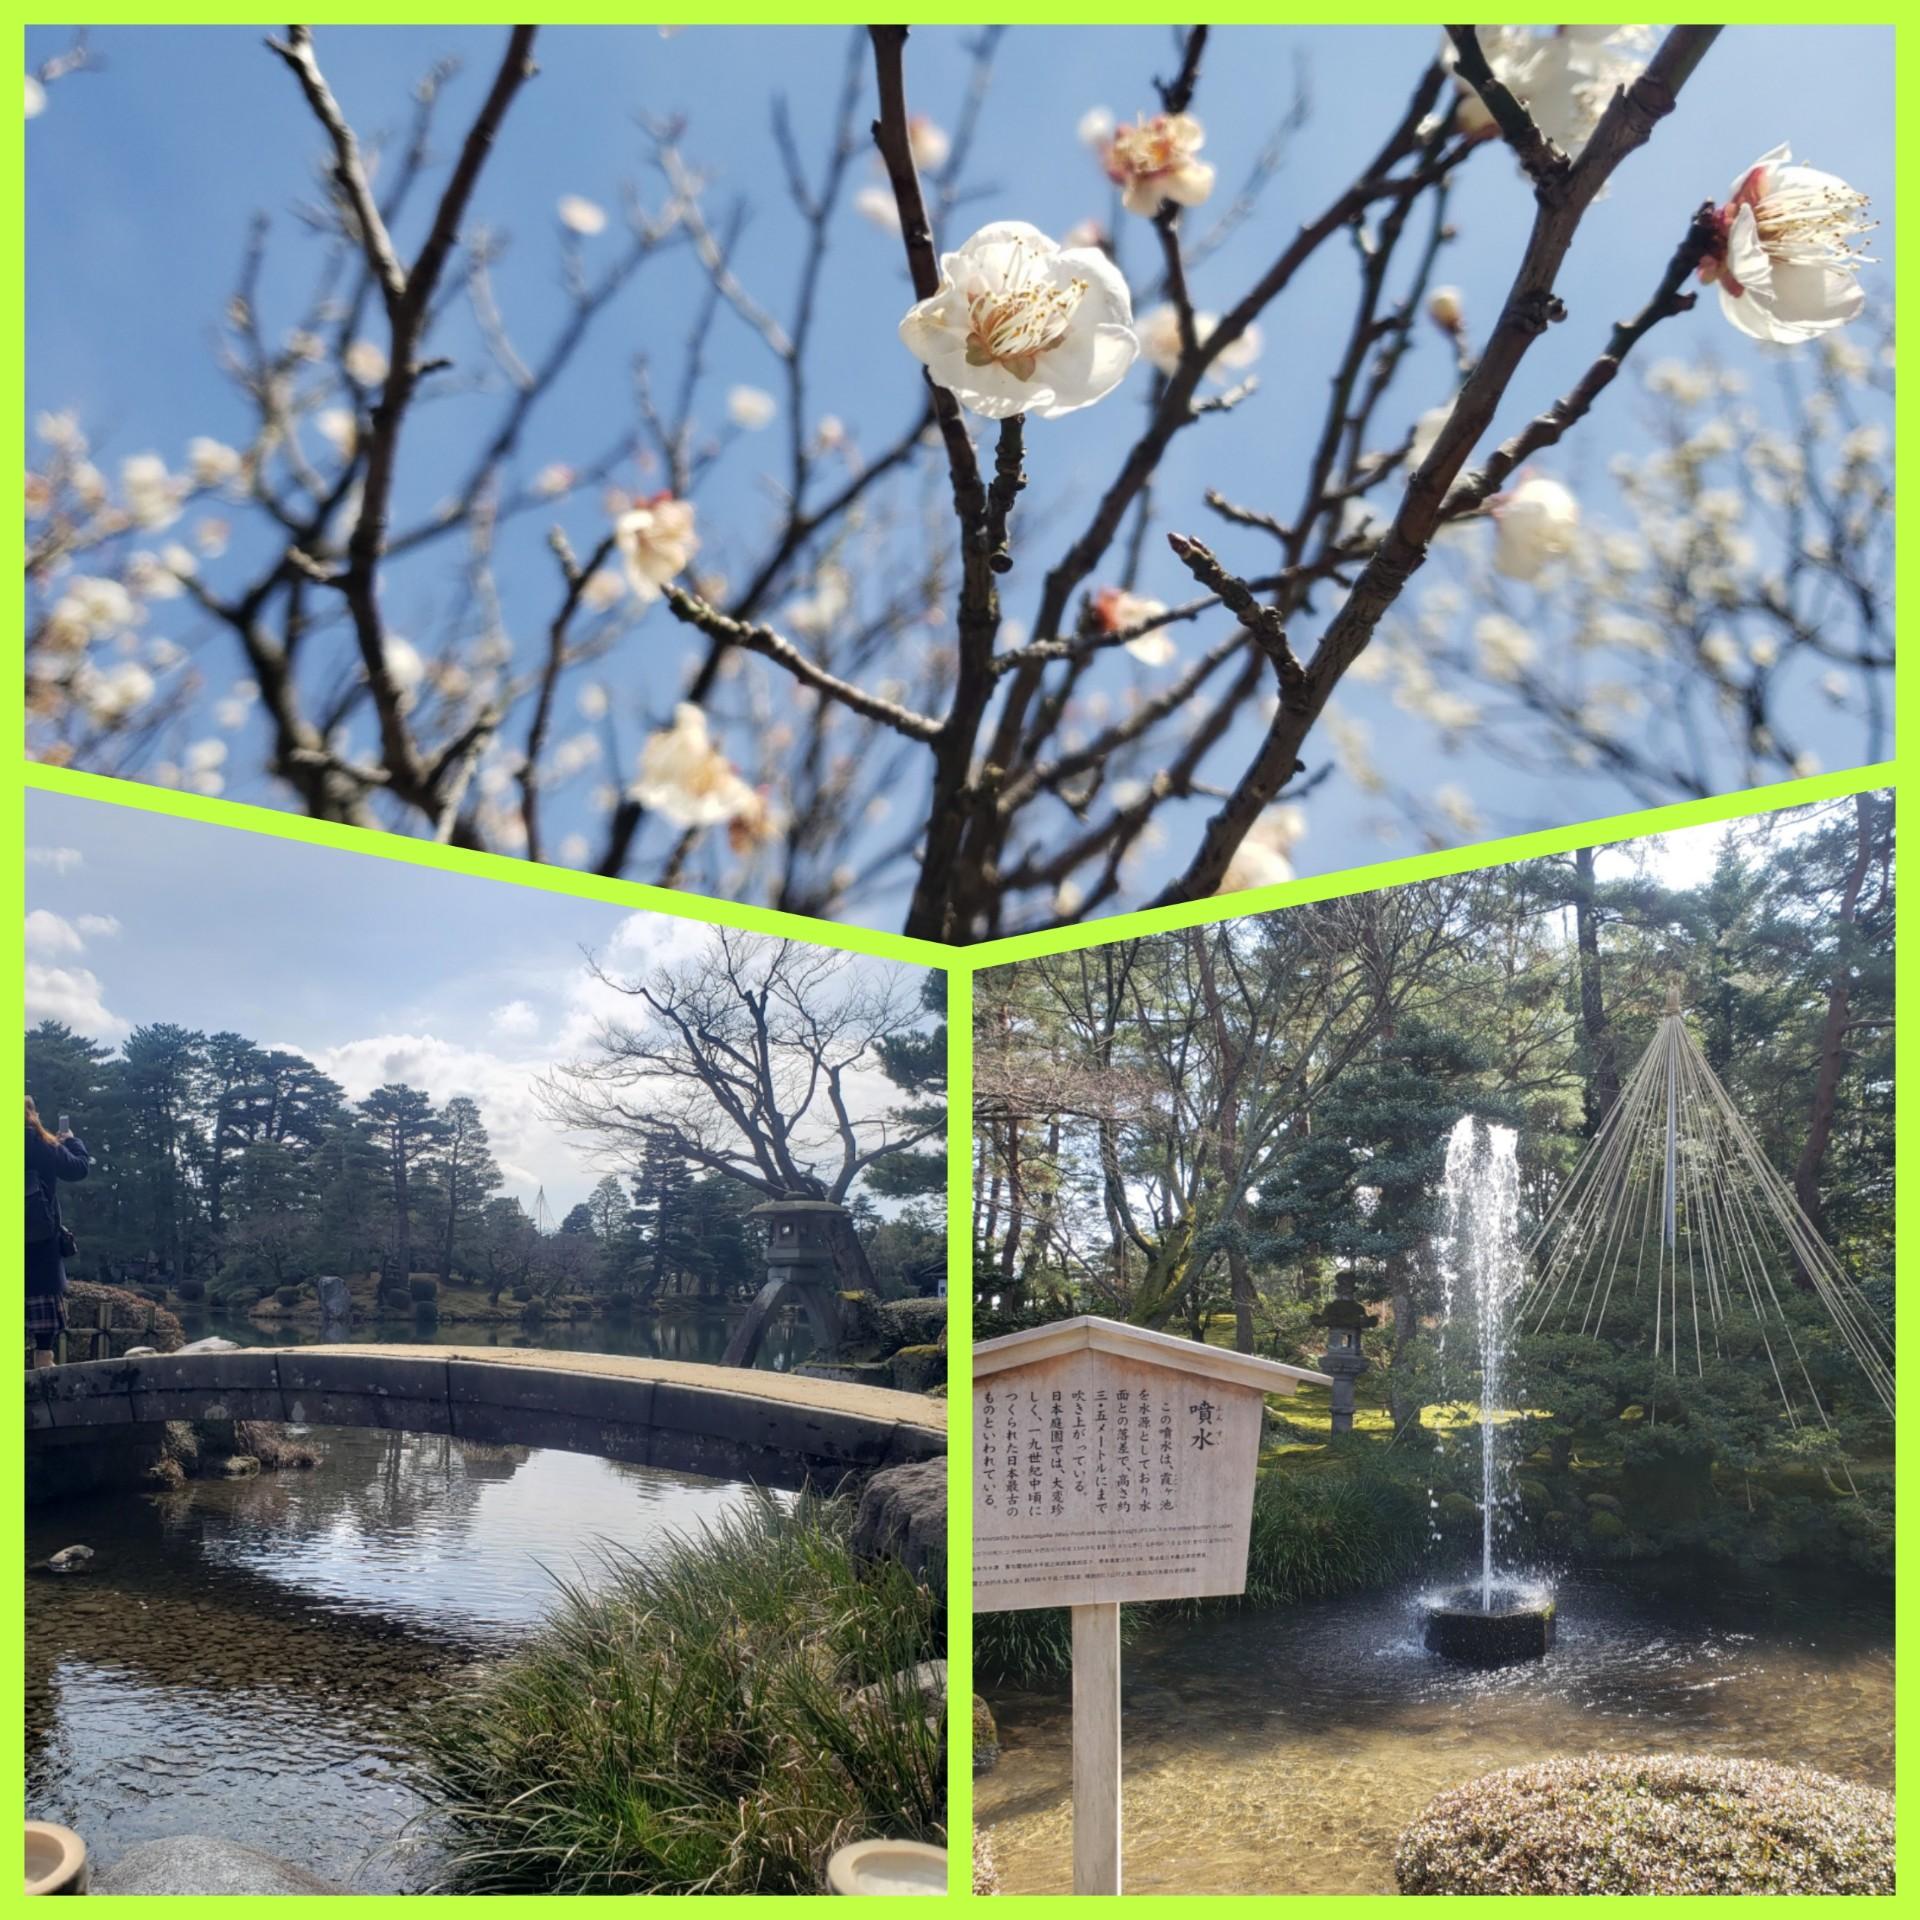 桜の名所・隅田公園はスカイツリーも! サンドイッチが絶品な、葉山のおしゃれカフェ【今週のモアハピ部ライフスタイル人気ランキング】_2